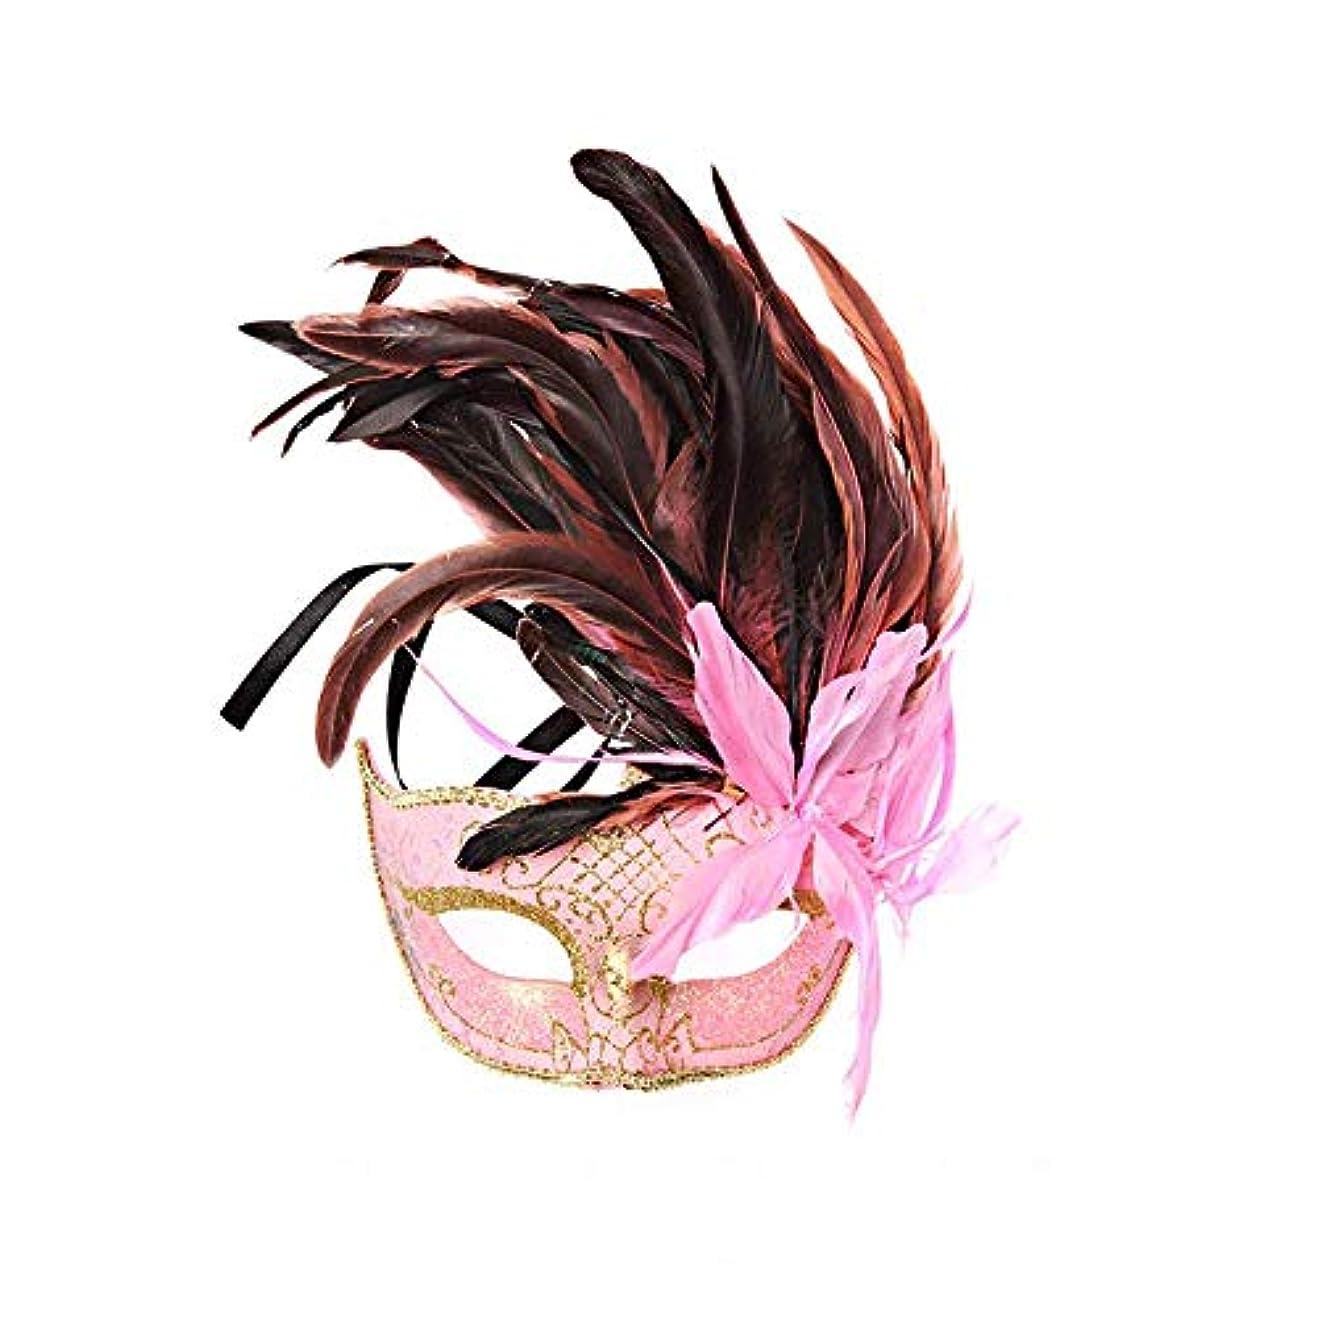 否認するネコ無駄Nanle ハロウィンマスクハーフフェザーマスクベニスプリンセスマスク美容レース仮面ライダーコスプレ (色 : Style A pink)